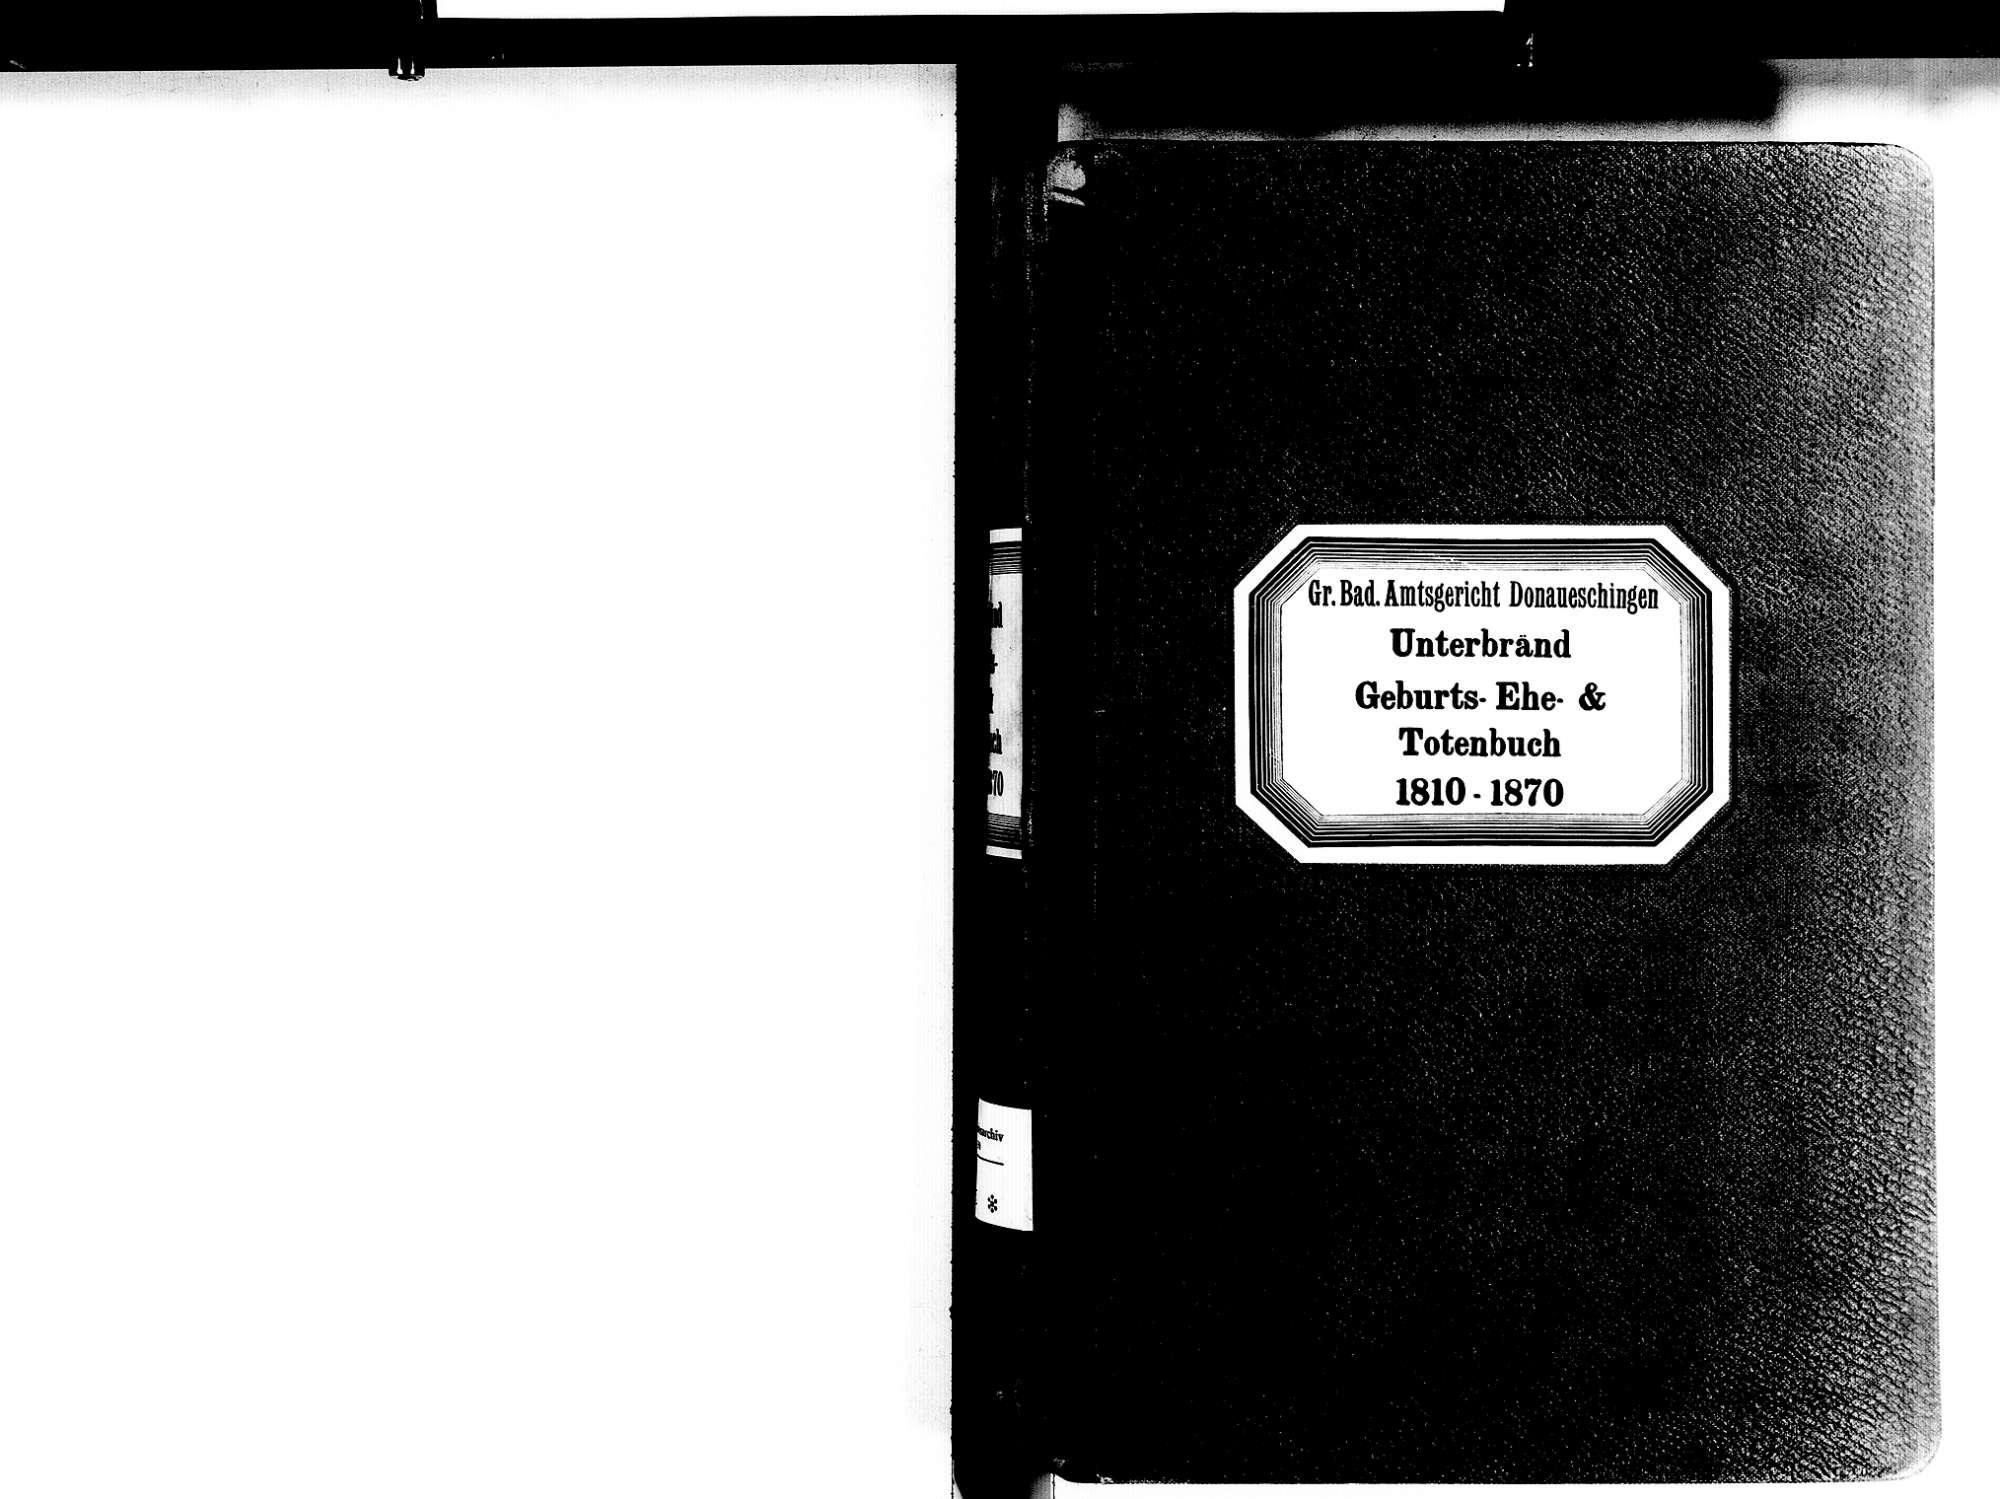 Unterbränd, Bräunlingen VS; Katholische Gemeinde: Standesbuch 1810-1870, Bild 2